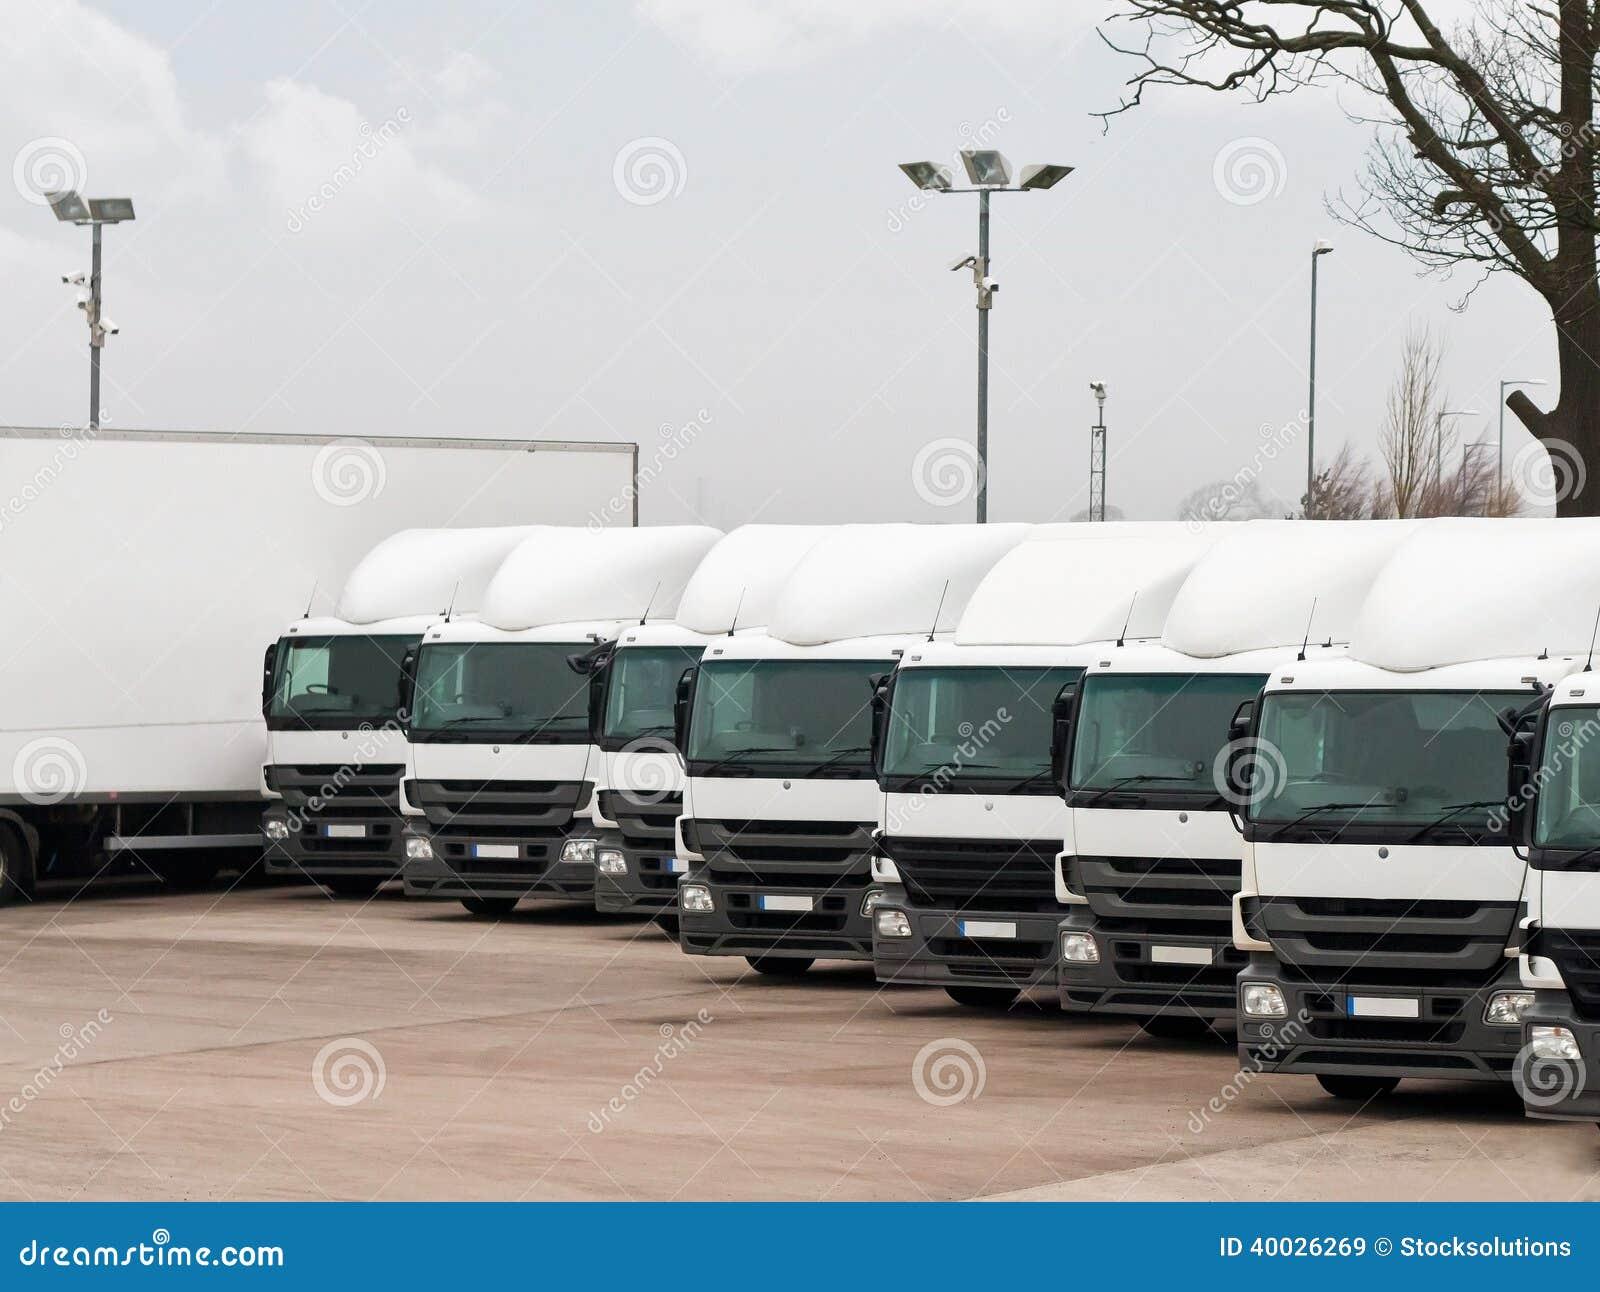 Vlootvrachtwagens